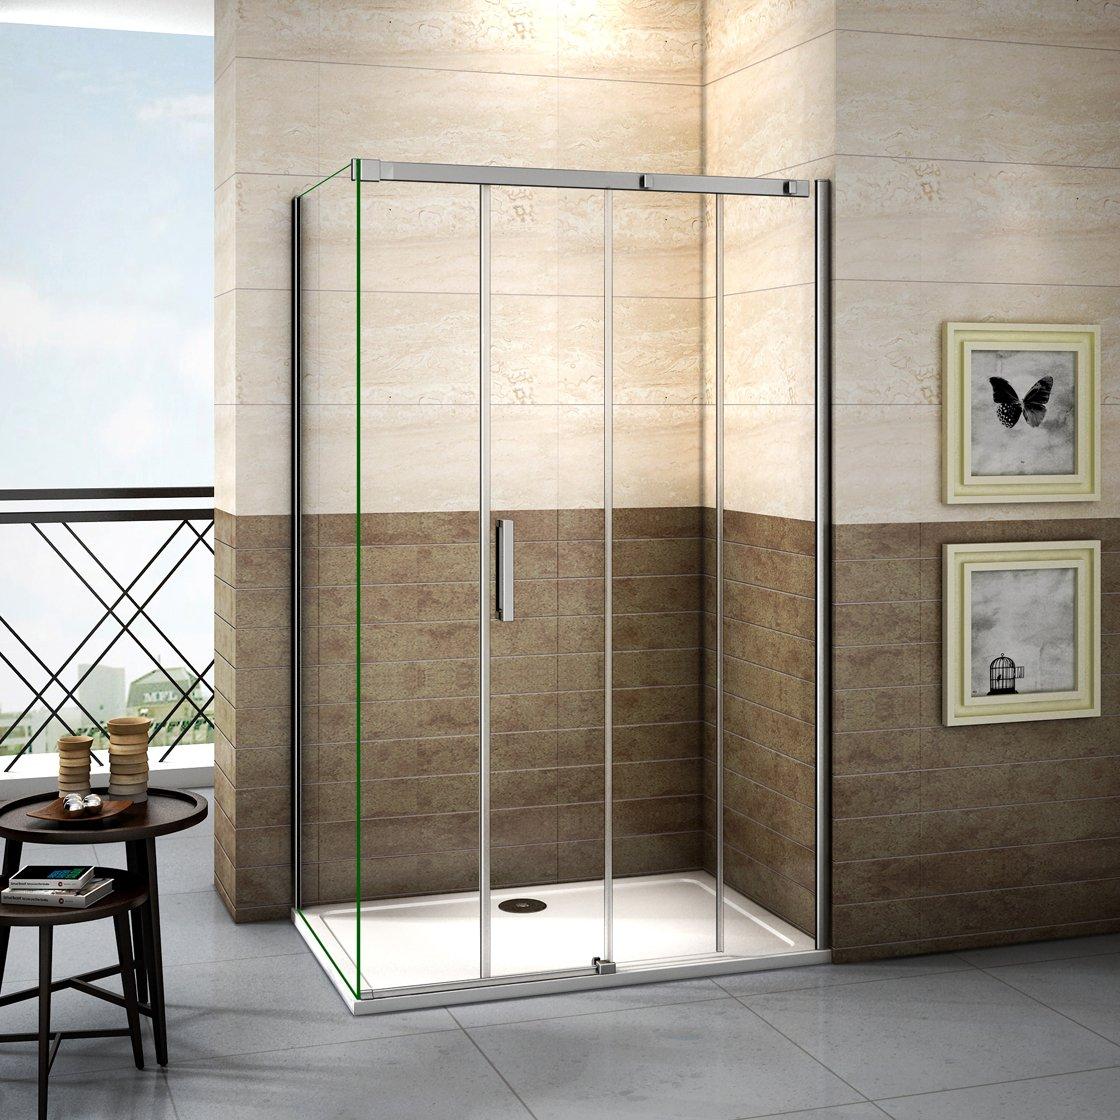 150x195cm Mamparas de ducha puerta de ducha 8mm vidrio templado de Aica